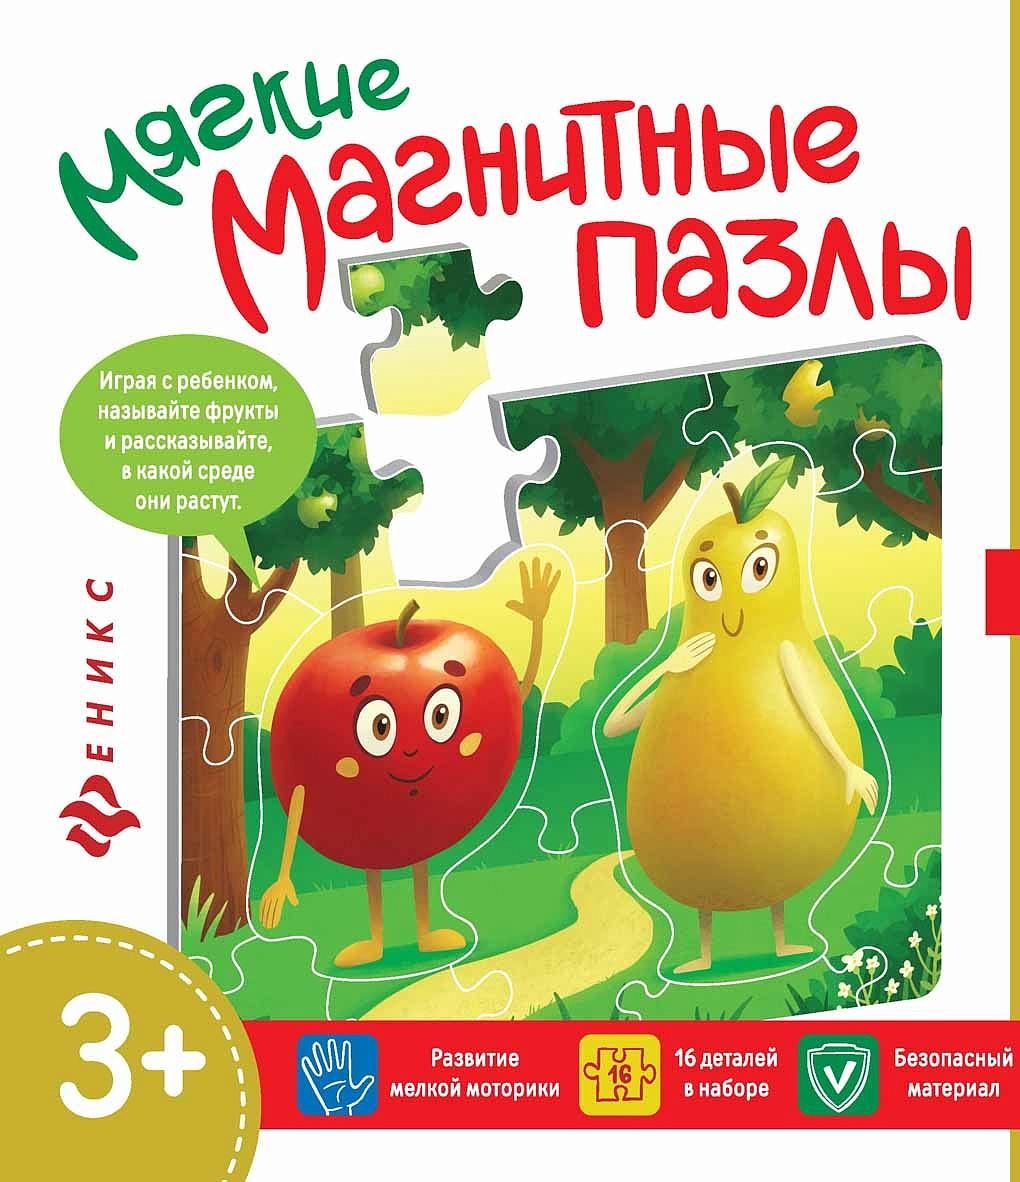 Купить Пазл ФЕНИКС МП2172 Яблоко и груша, Бумага, EVA, Для мальчиков и девочек, Пазлы